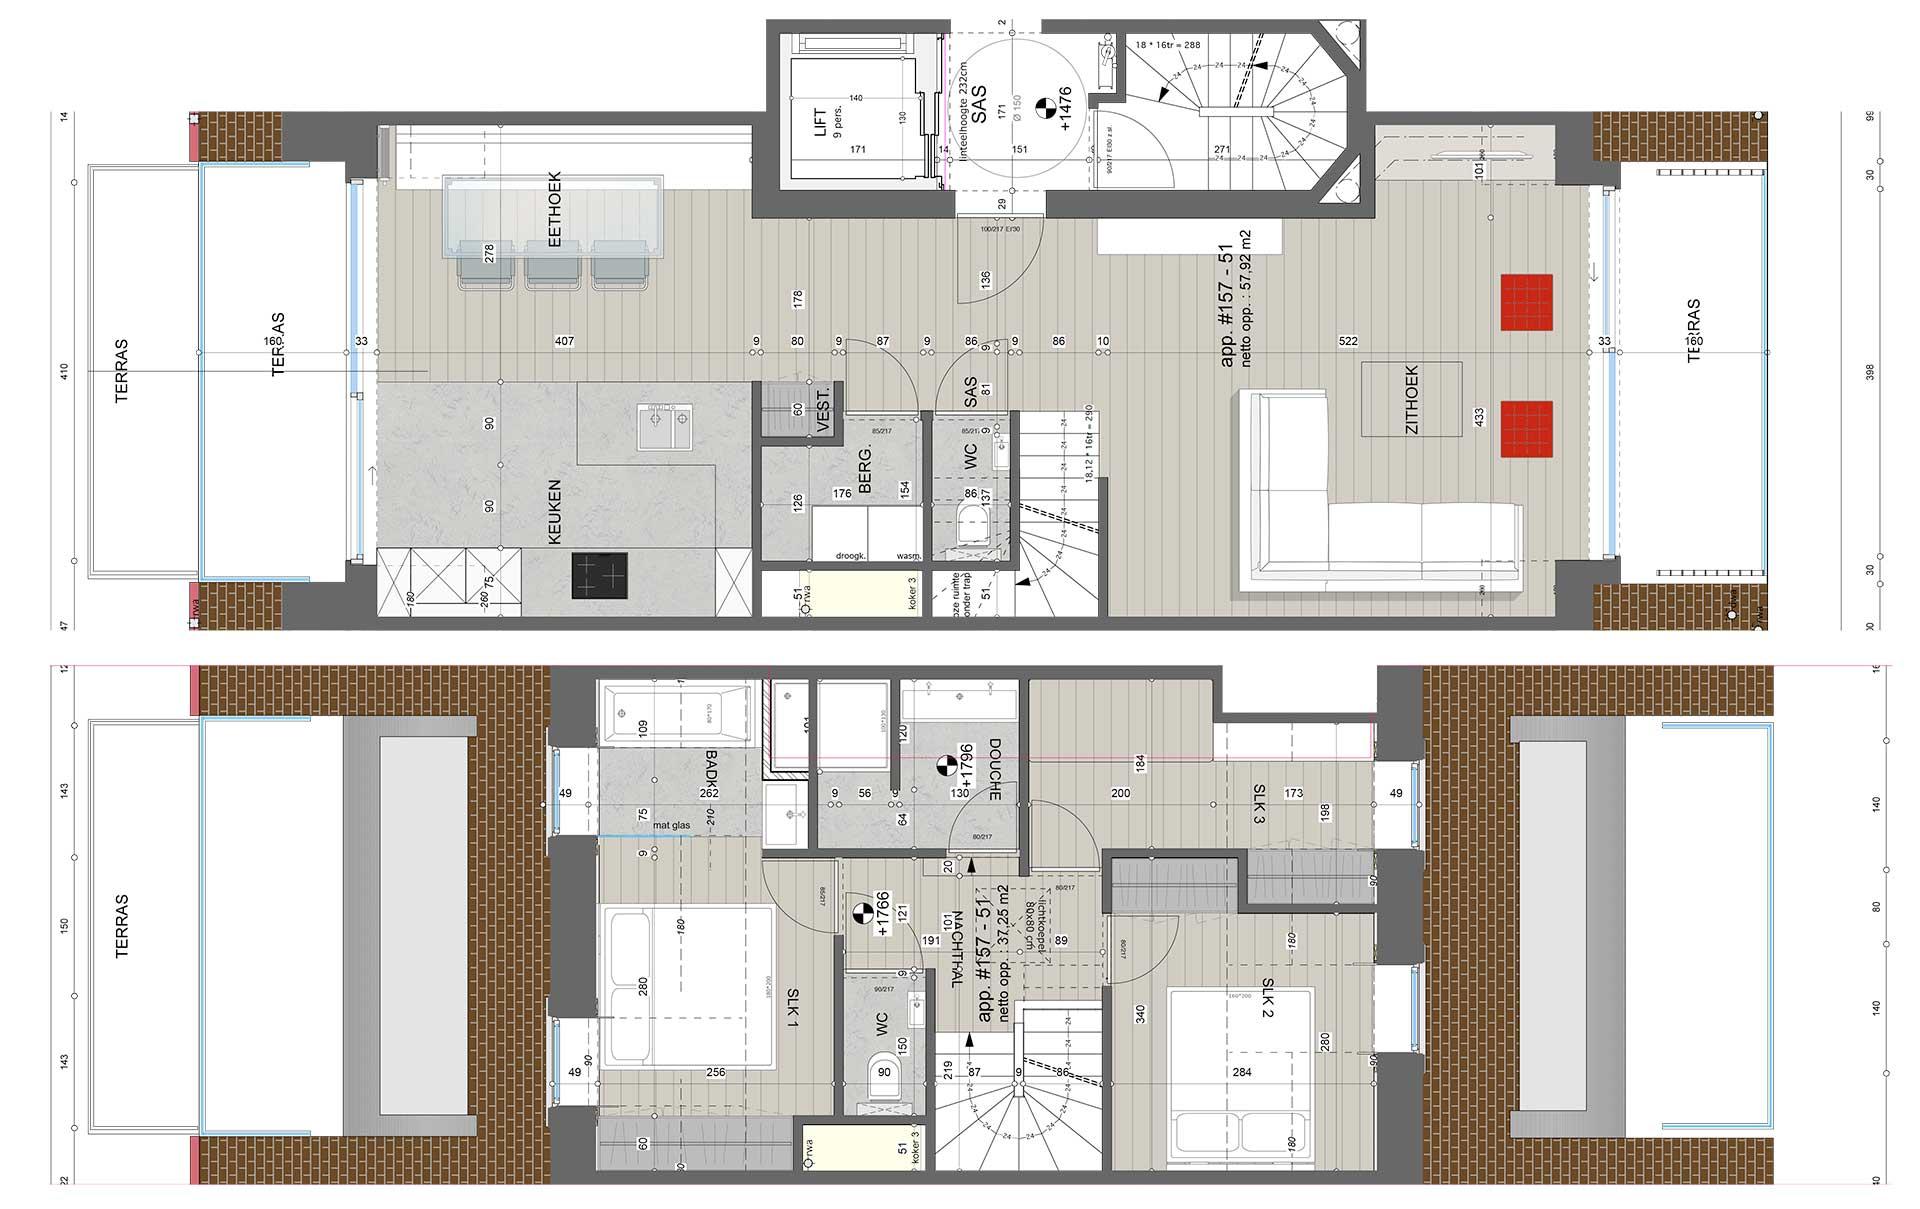 Residentie <br/> Fontana - image residentie-fontana-appartement-te-koop-knokke-plannen-157-51 on https://hoprom.be